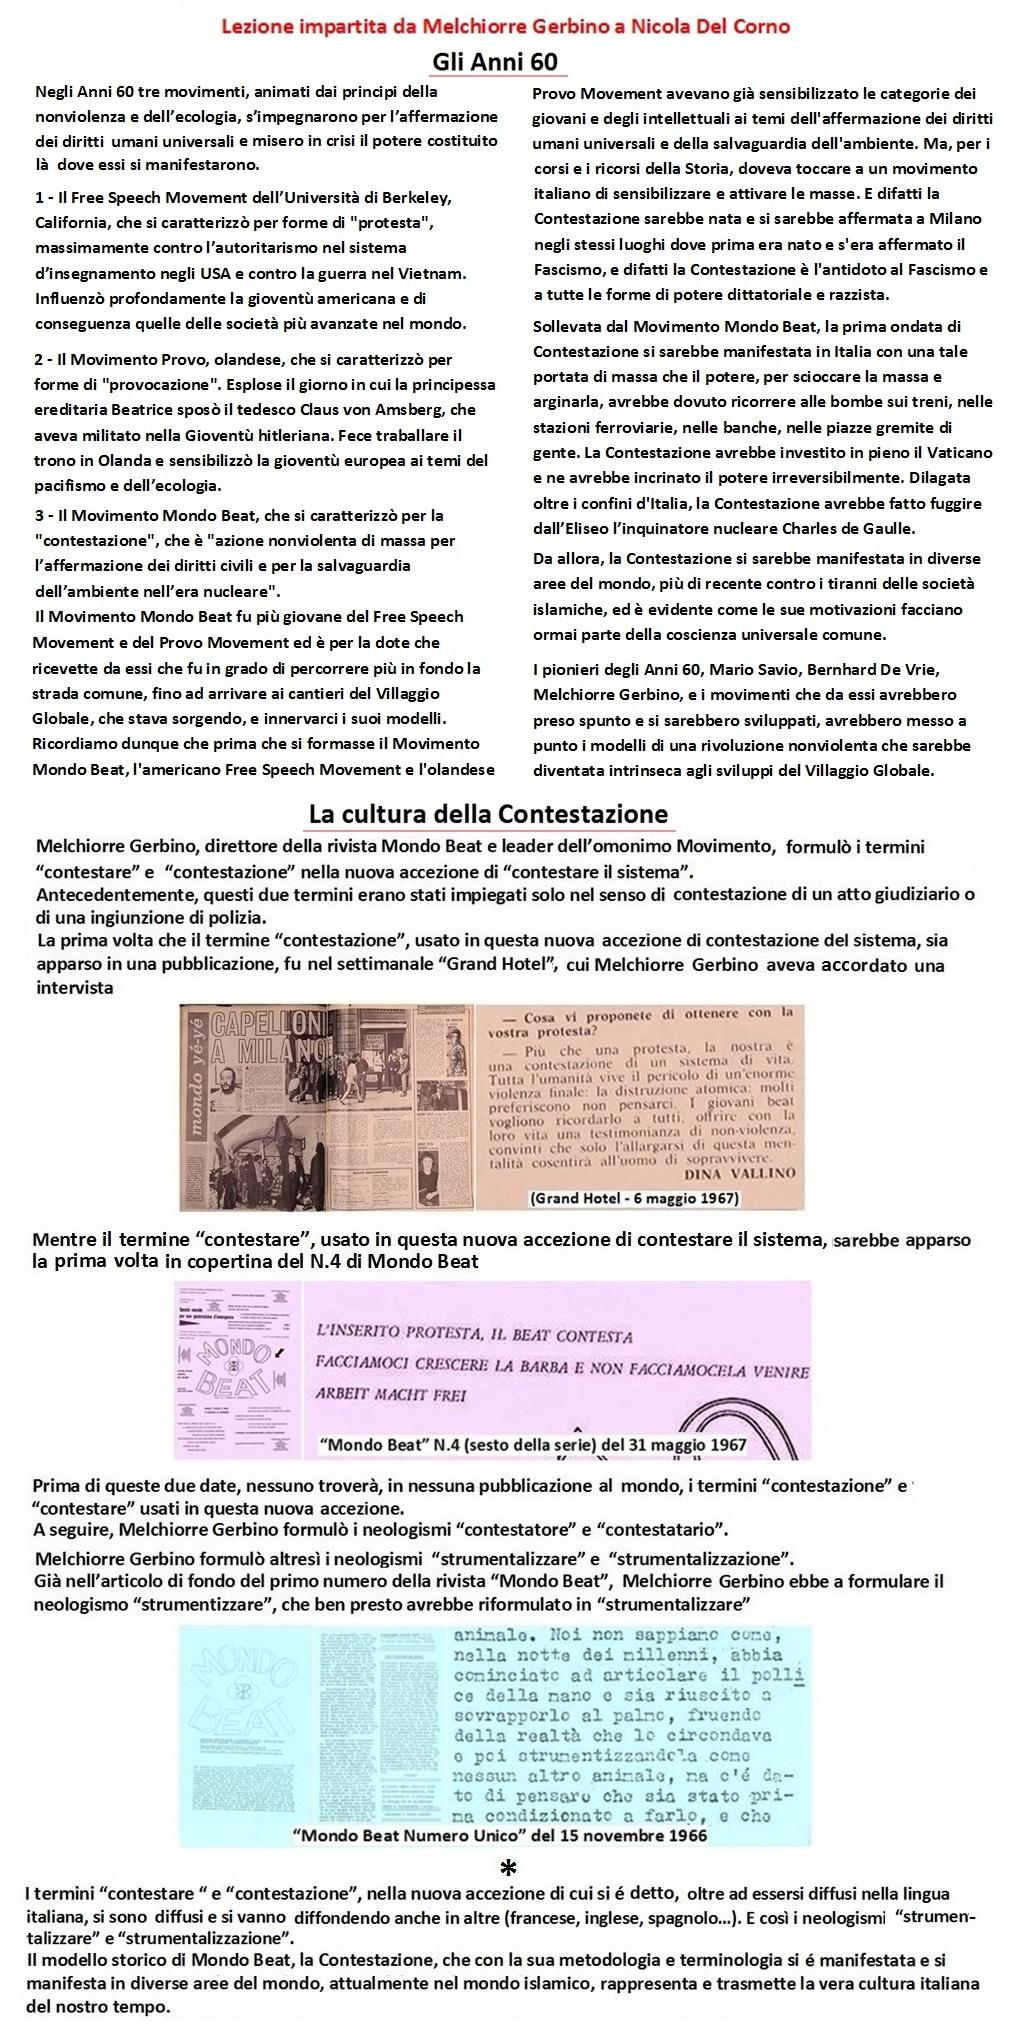 La cultura della Contestazione rappresenta e trasmette nel mondo la vera cultura italiana del nostro tempo